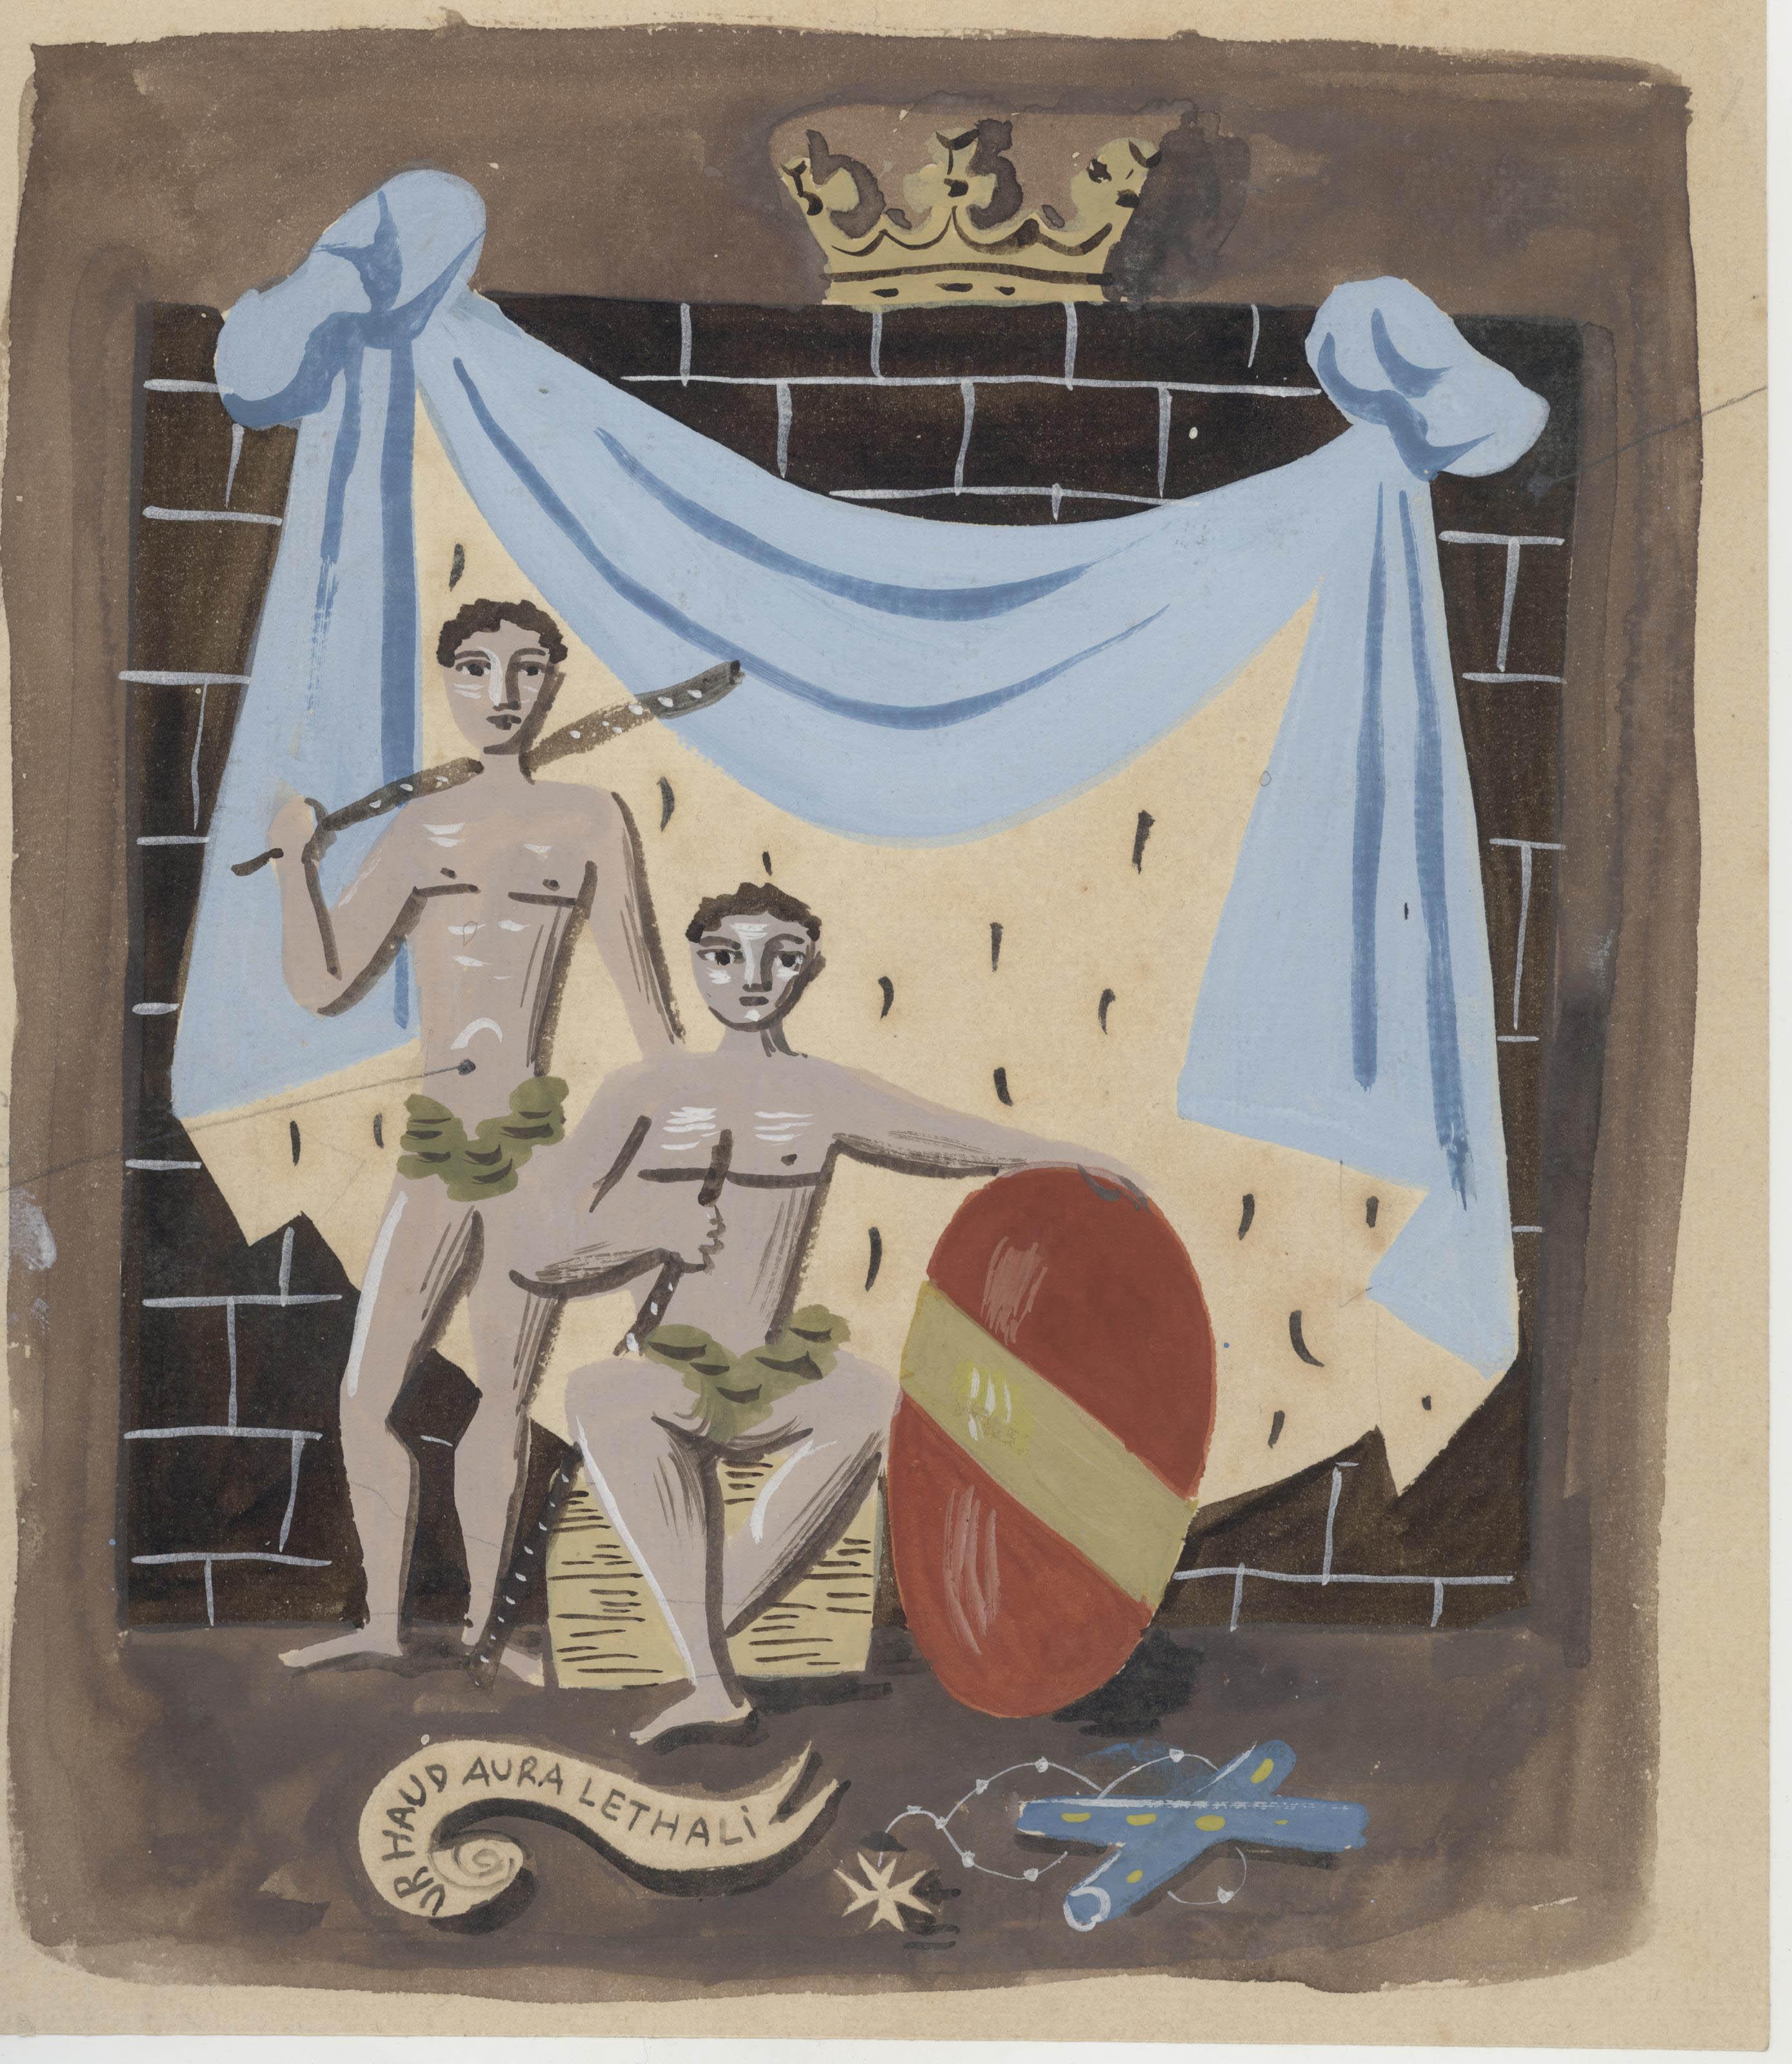 Projet pour un carton de tapisserie destinée à un devant de pare-feu pour le Vicomte de Noailles